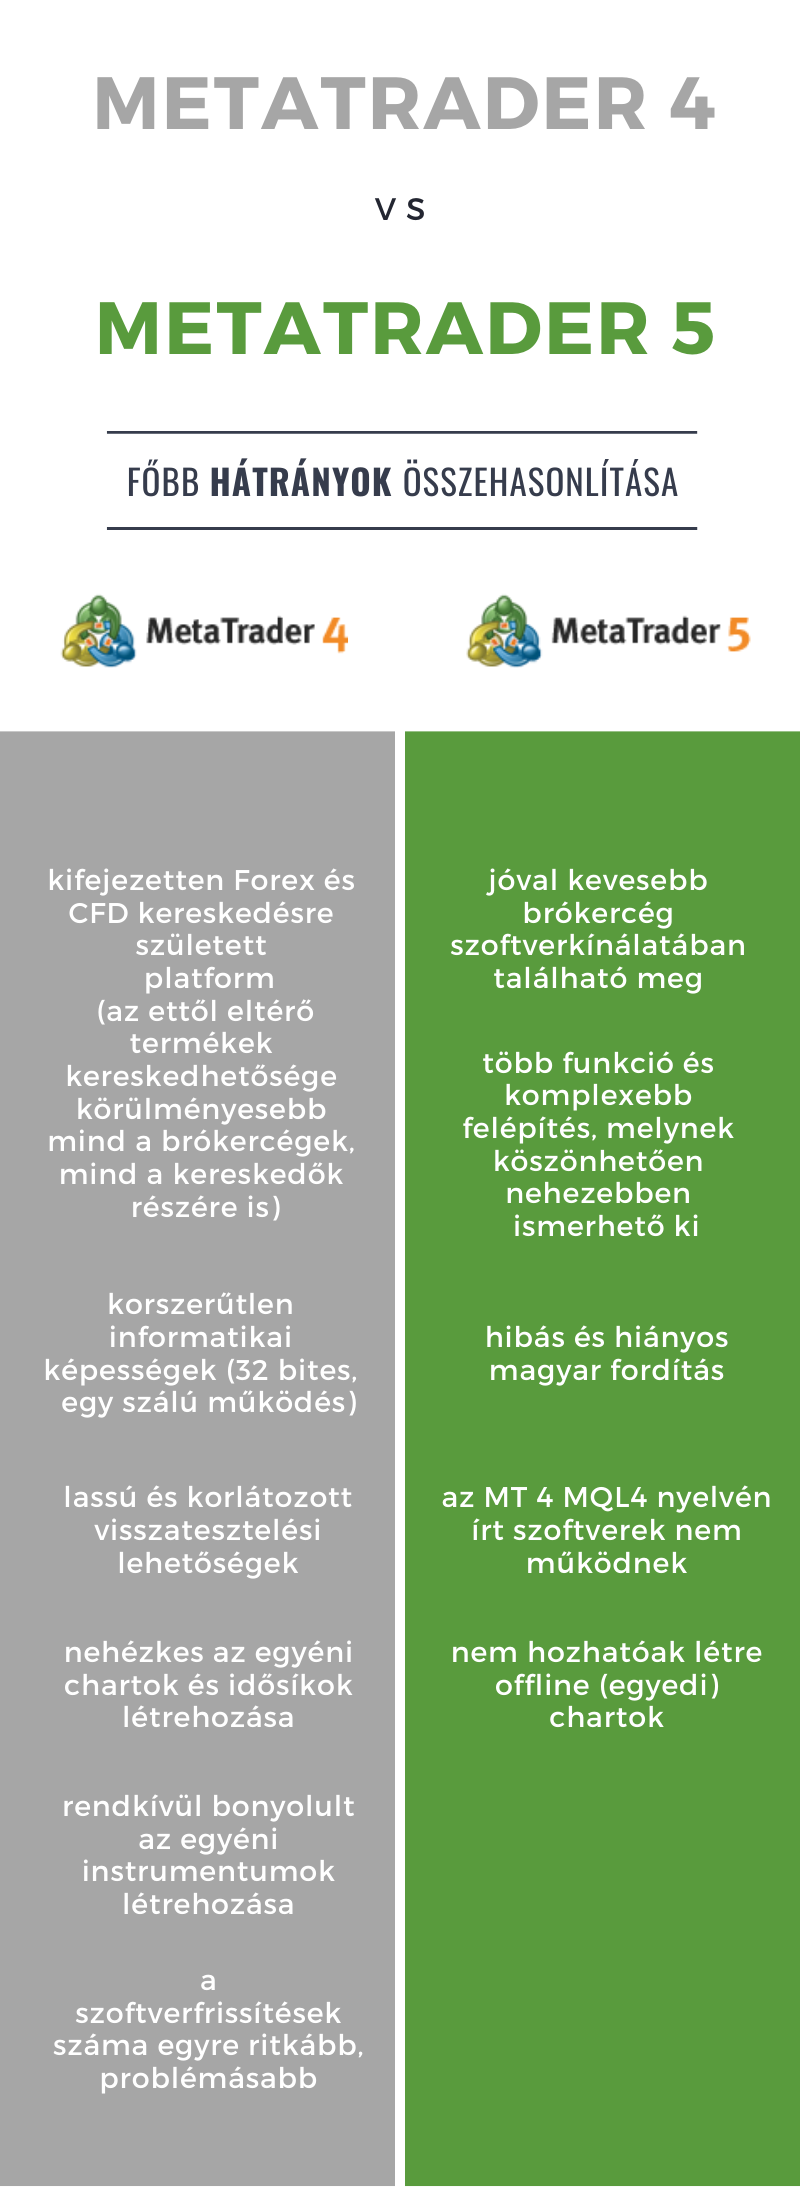 melyik platform jobb a lehetőségek kereskedésére